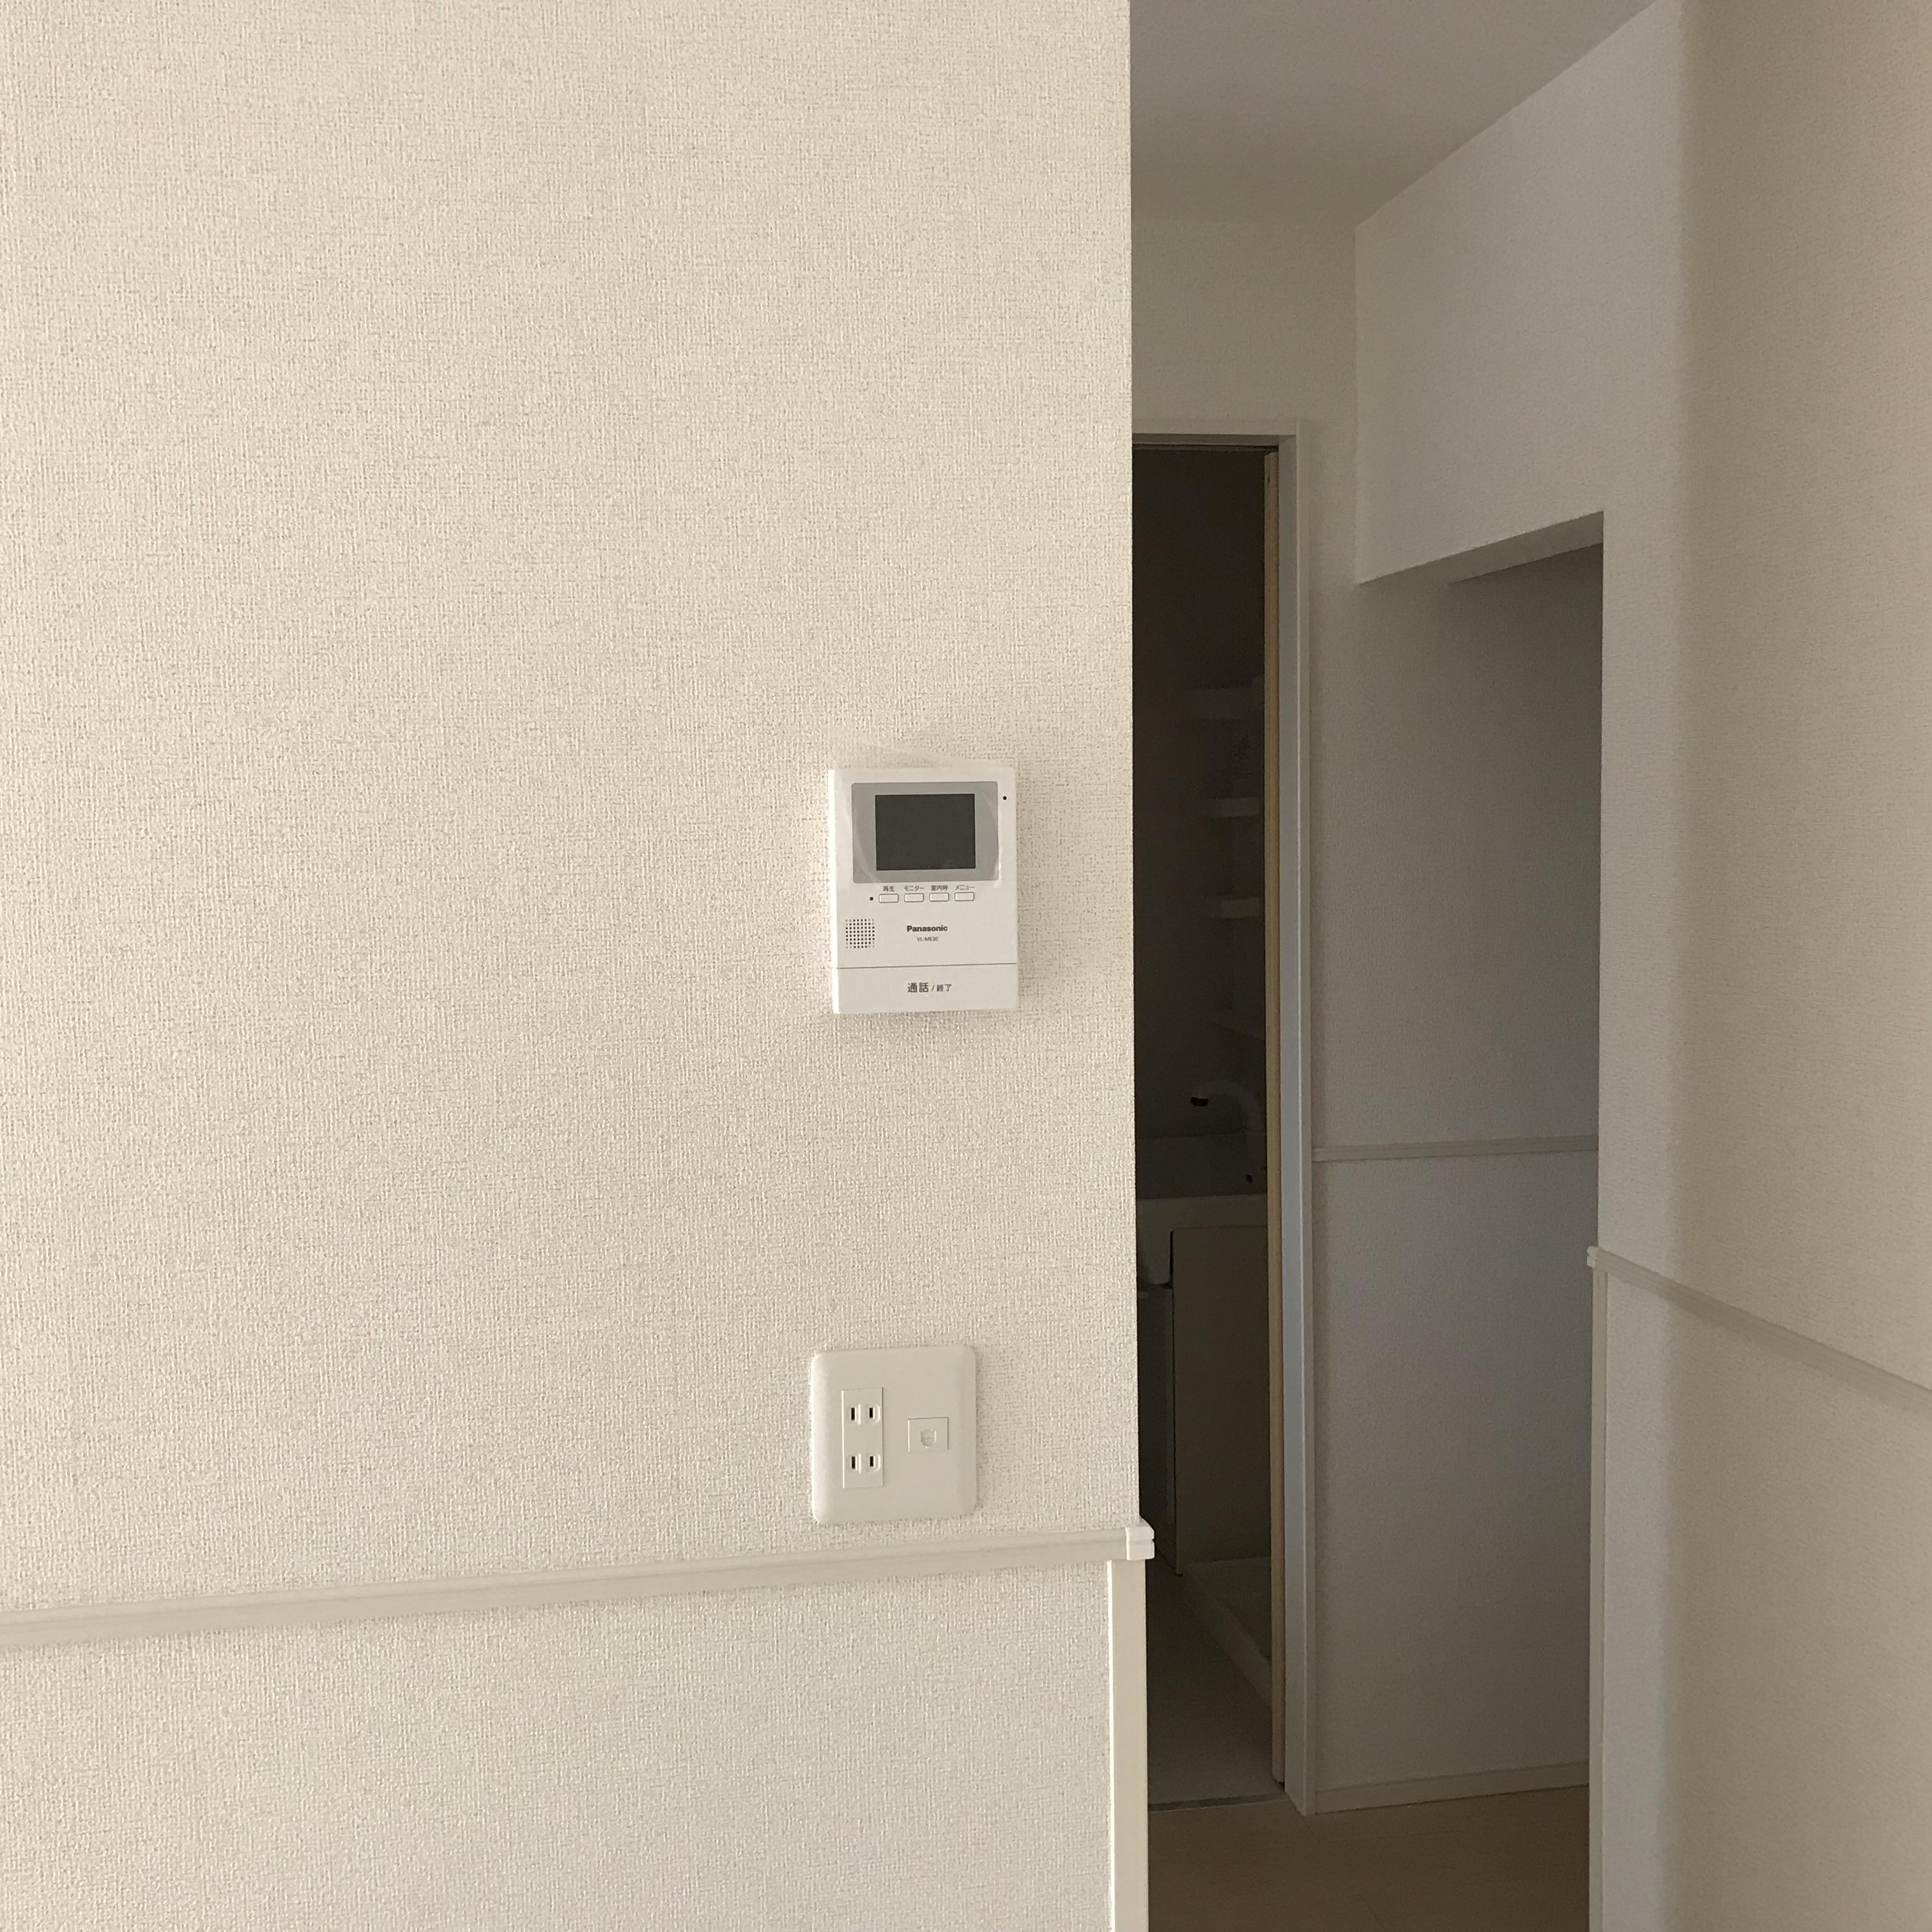 Tアパート竣工